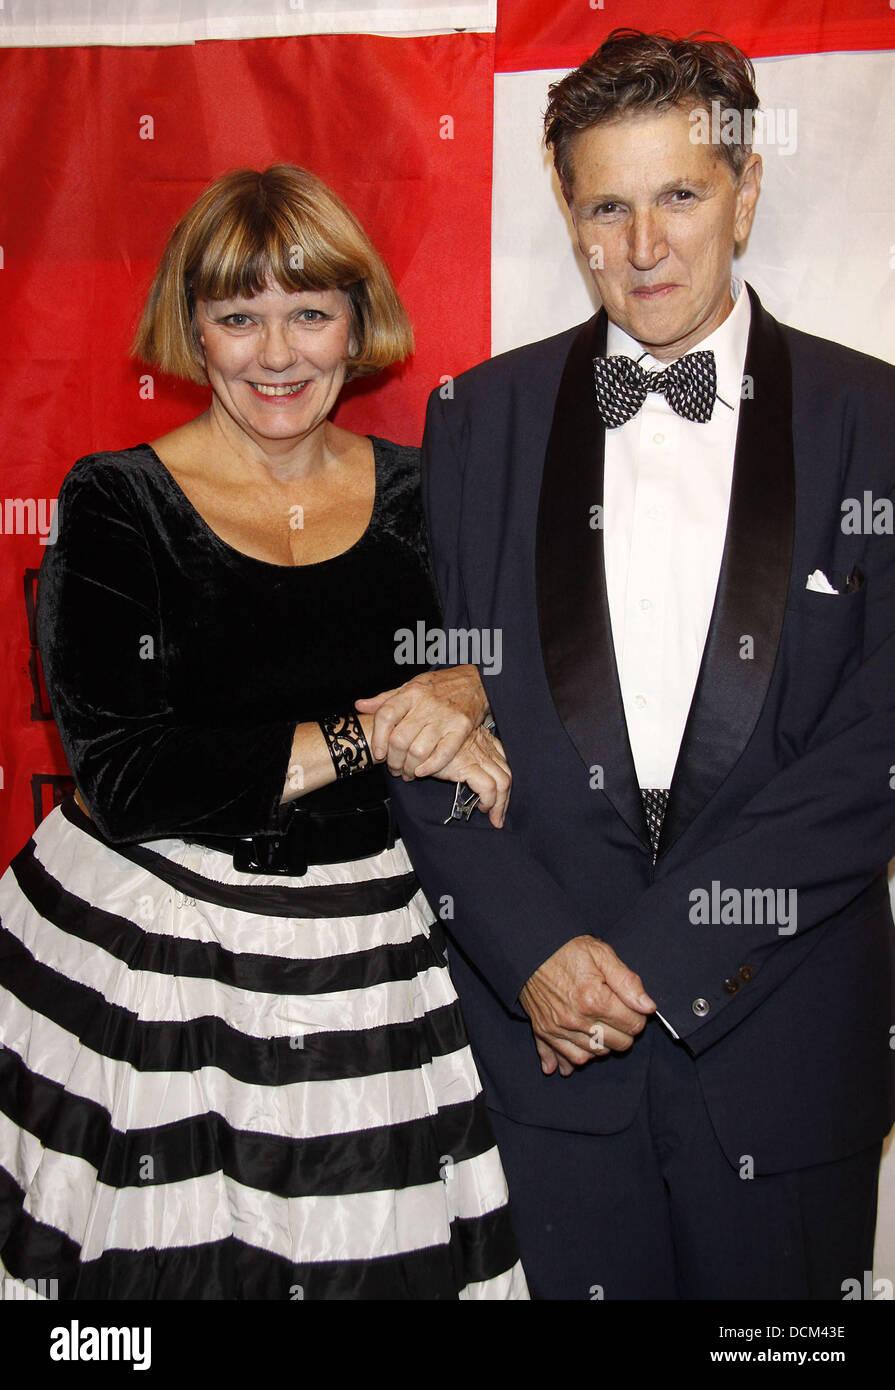 Lois Weaver Lois Weaver new picture